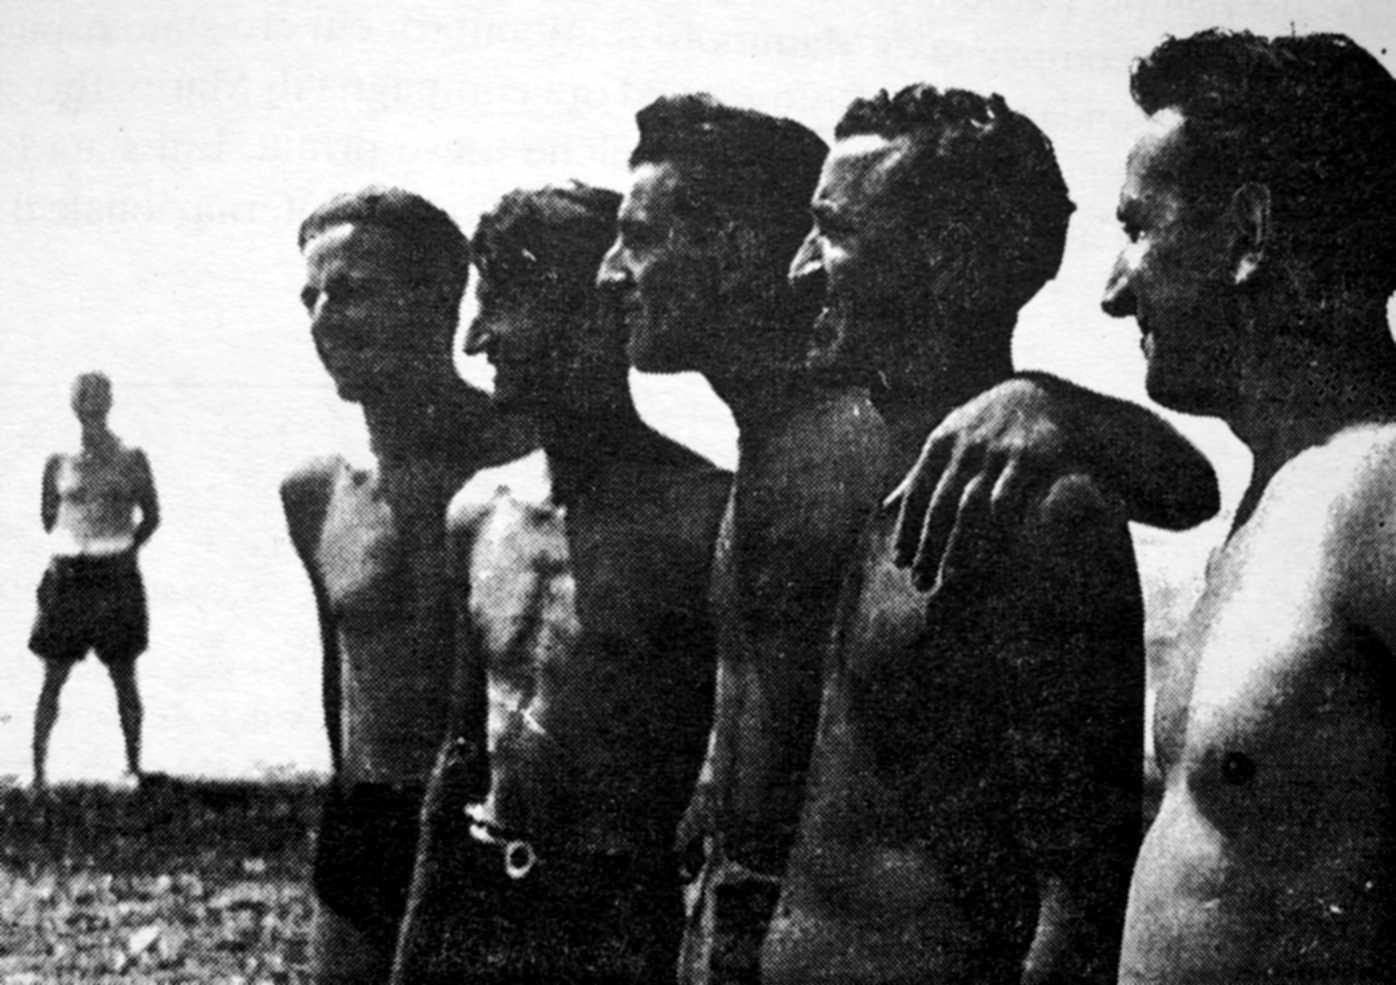 Campament Internacional Anarquista (Marina di Cecina, 1953). D'esquerra a dreta: Egisto Gori (al fons), Livio Azzimonti, Mario Barbani, Pietro Ferrua, Federico Ernovino i Bruno Furlotti